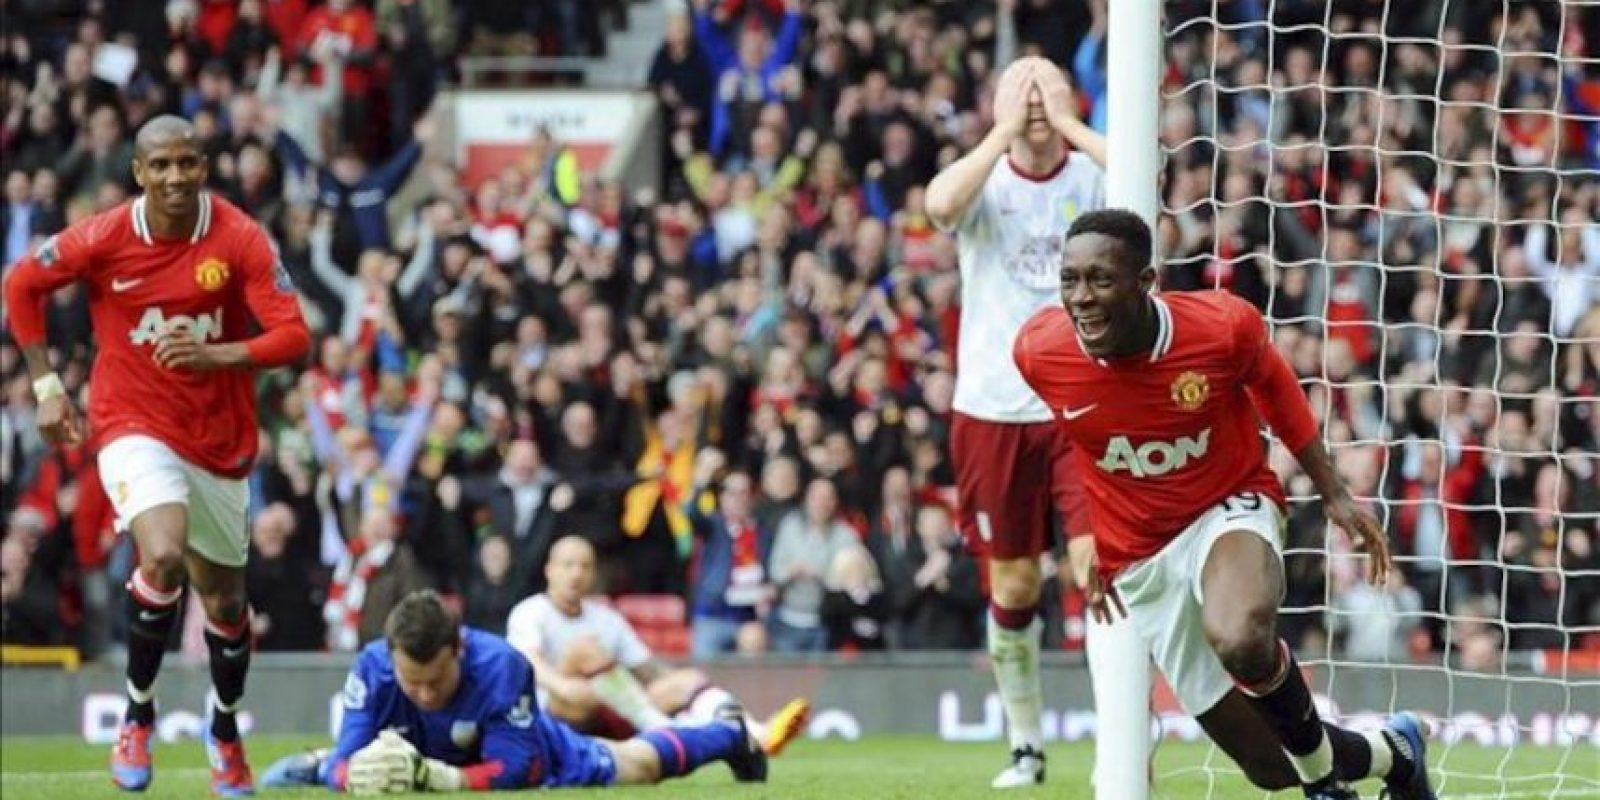 El jugador del Manchester United, Danny Welbeck (dcha), celebra con su compañero Ashley Young (izq) su gol (2-0) ante Aston Villa, durante el encuentro de la Premier League que los dos equipos disputaron en el estadio de Old Trafford, en Manchester, Reino Unido. EFE